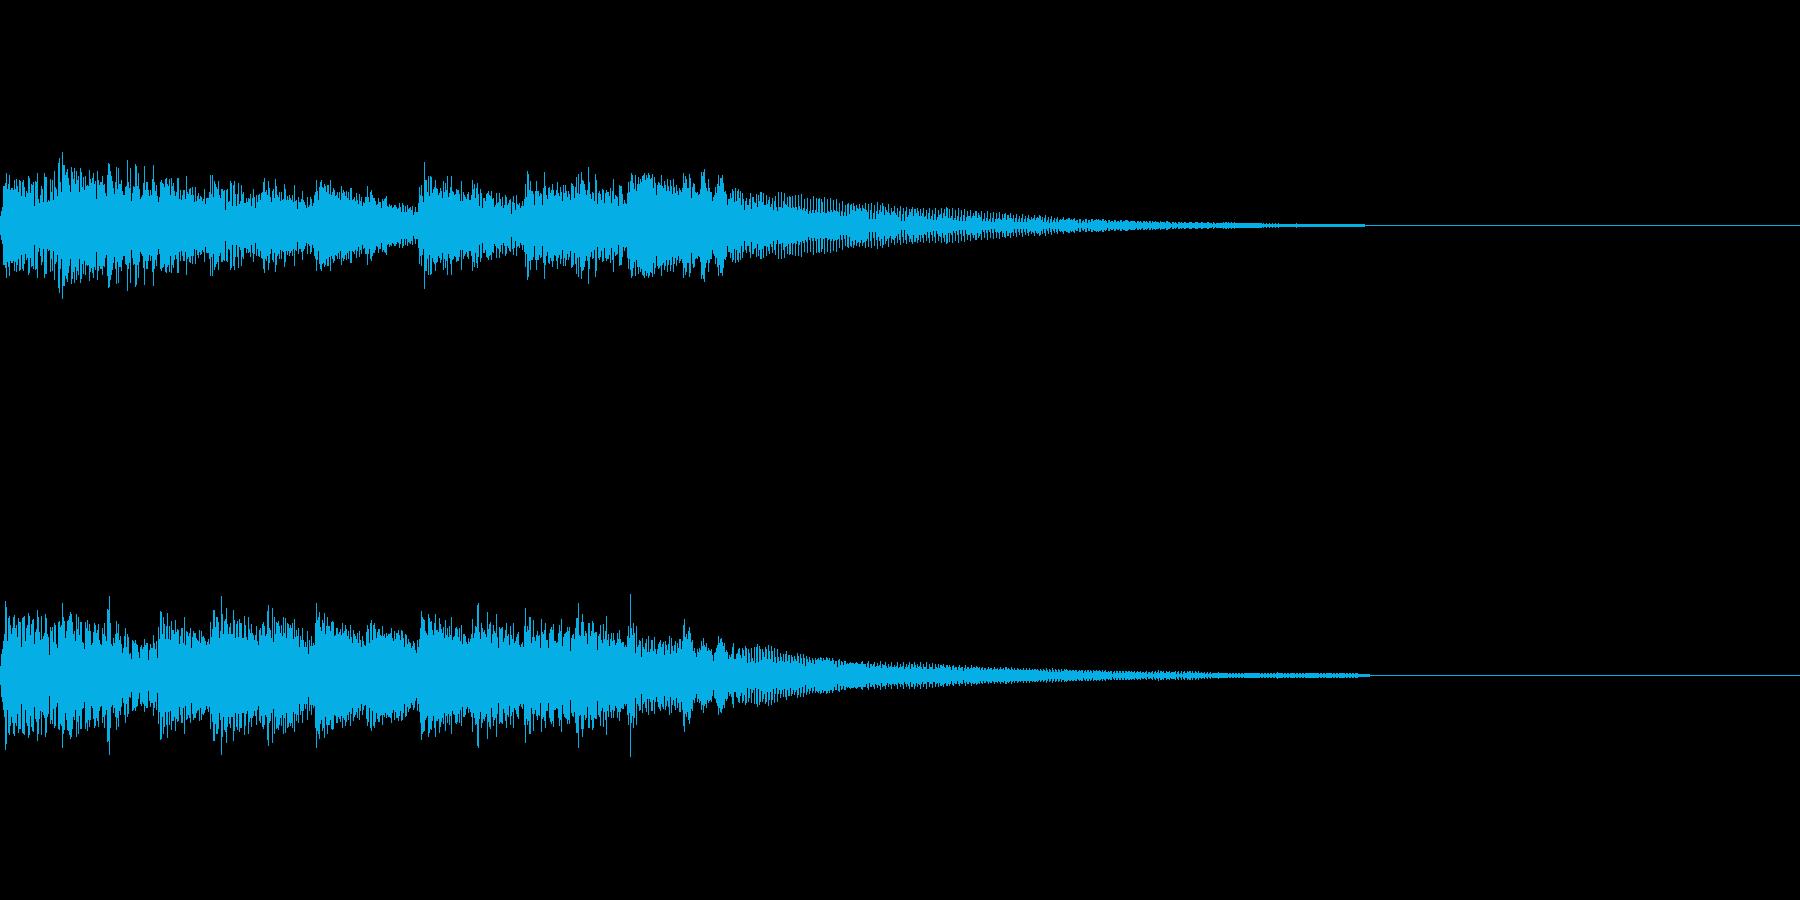 ピアノジングル4、ドキュメンタリー風の再生済みの波形